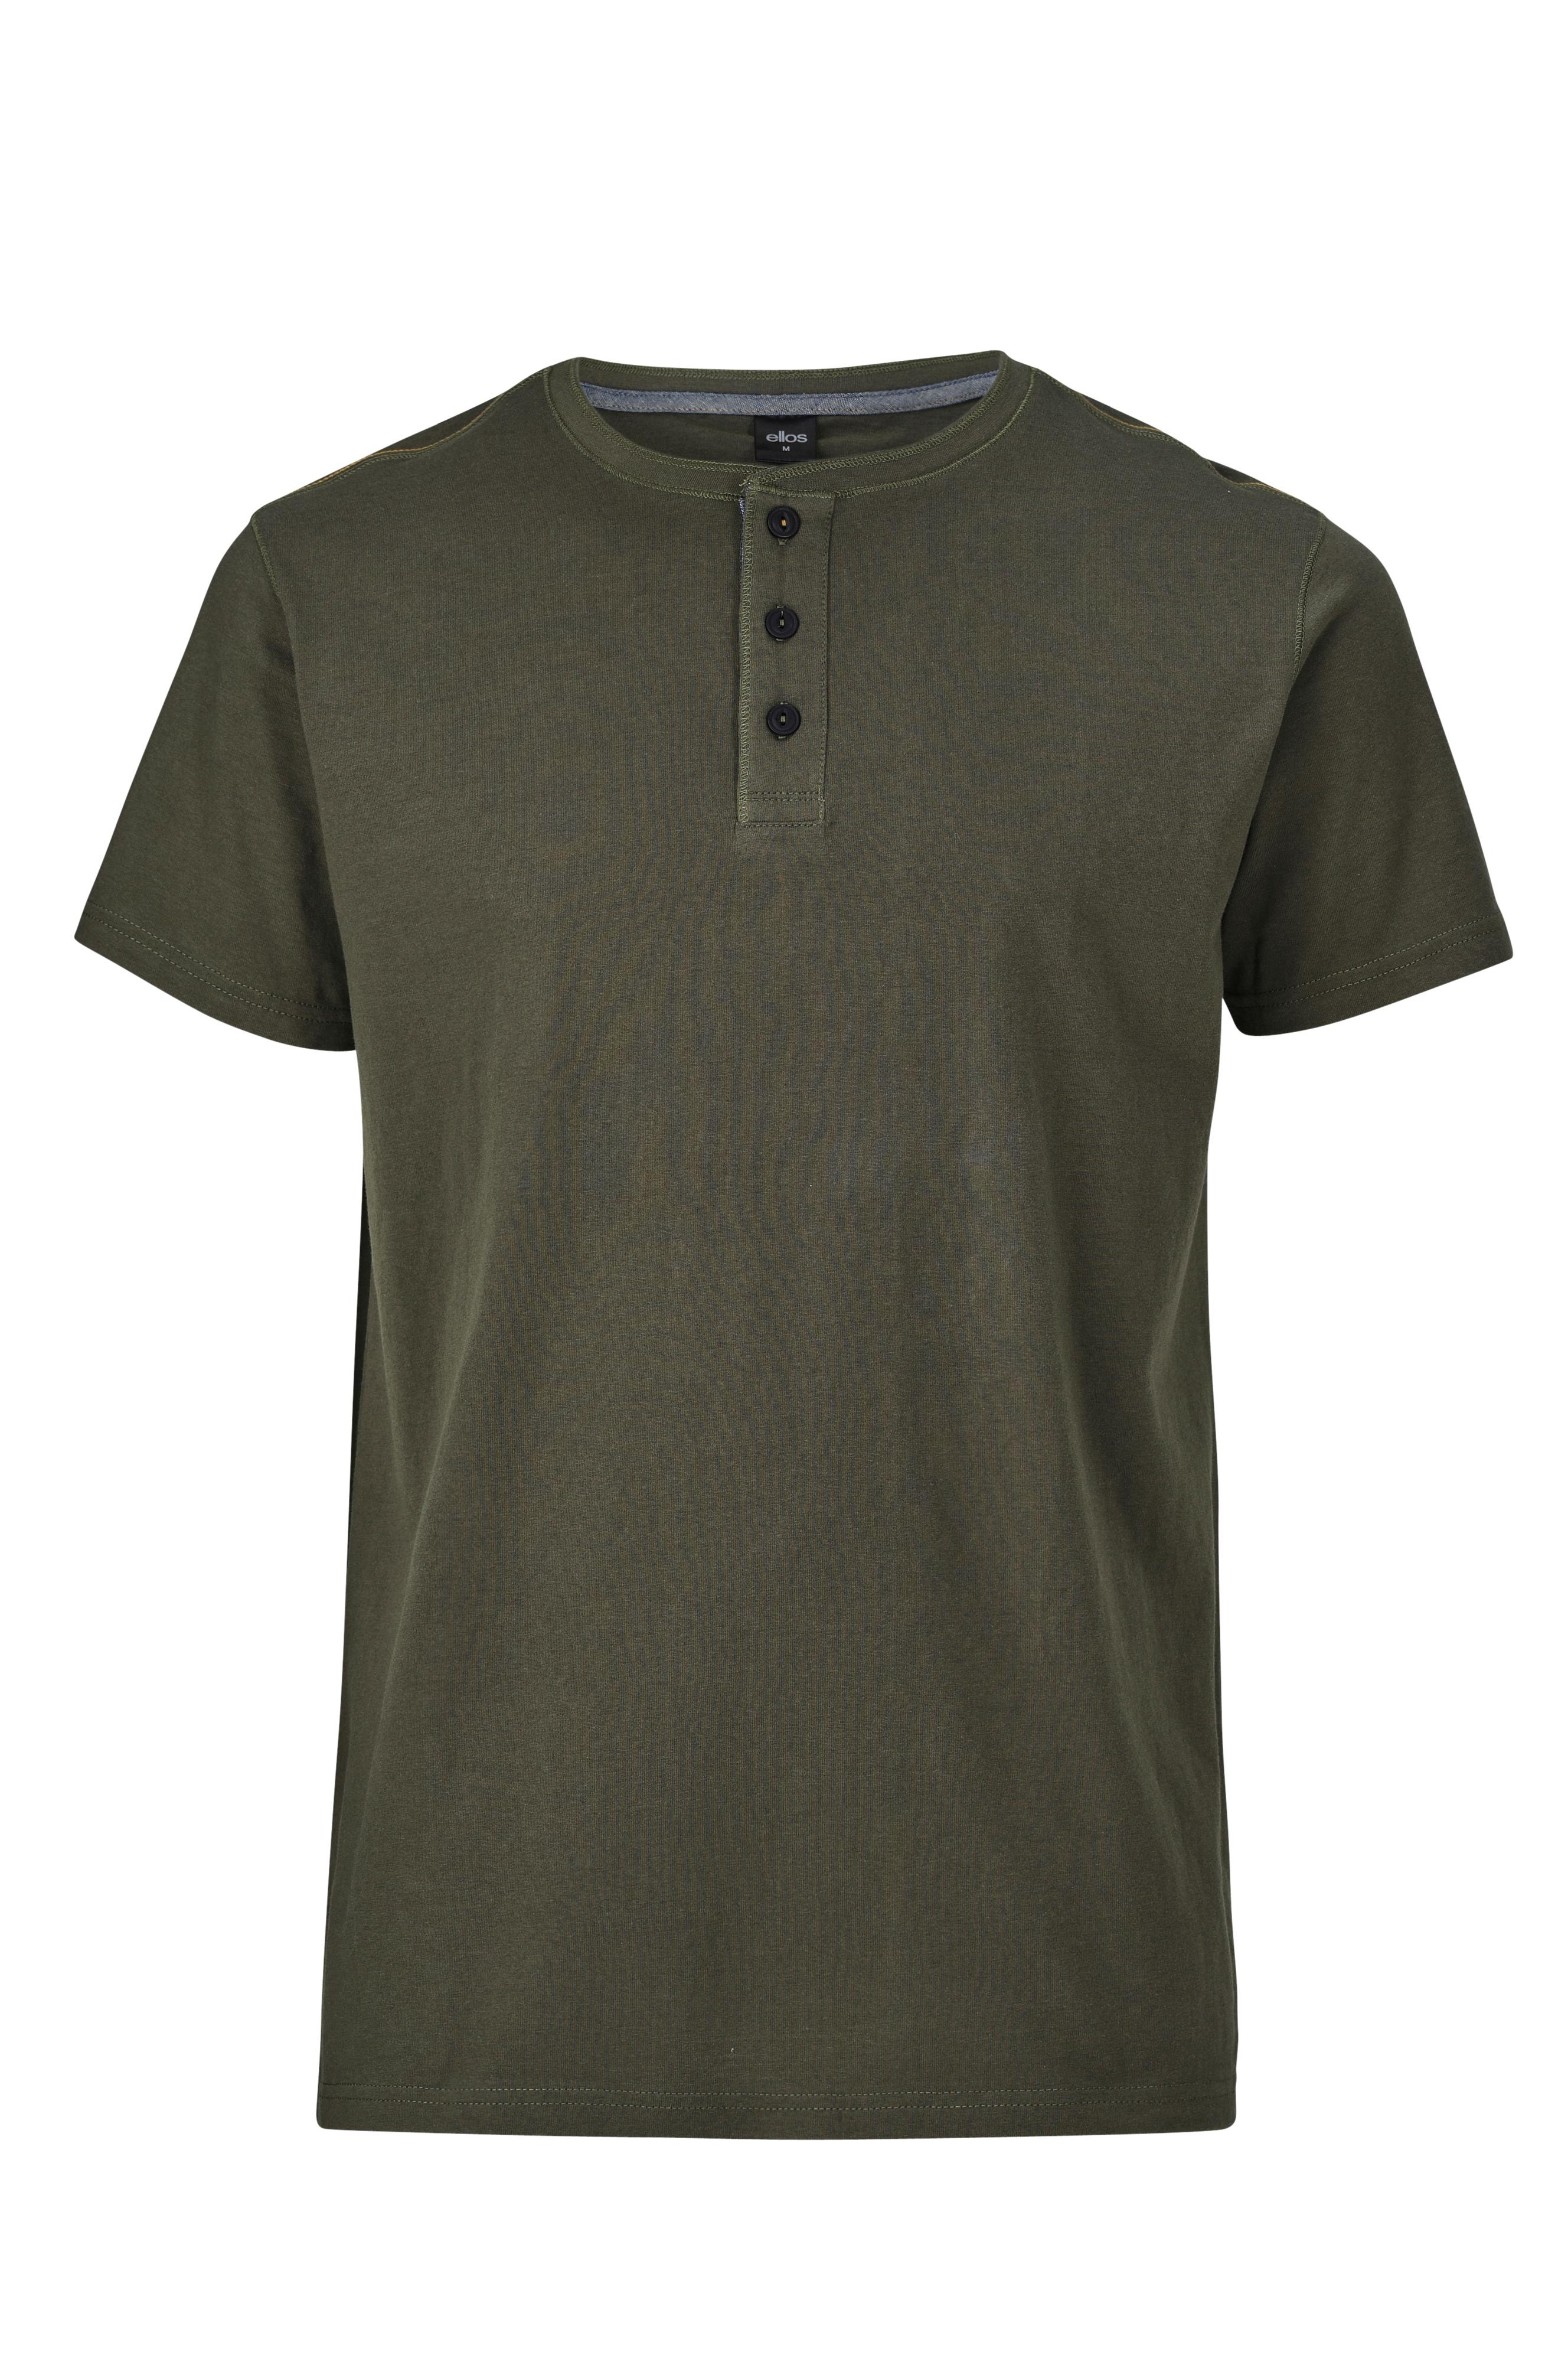 Ellos Men T shirt med knapper Grøn Herre Ellos.dk